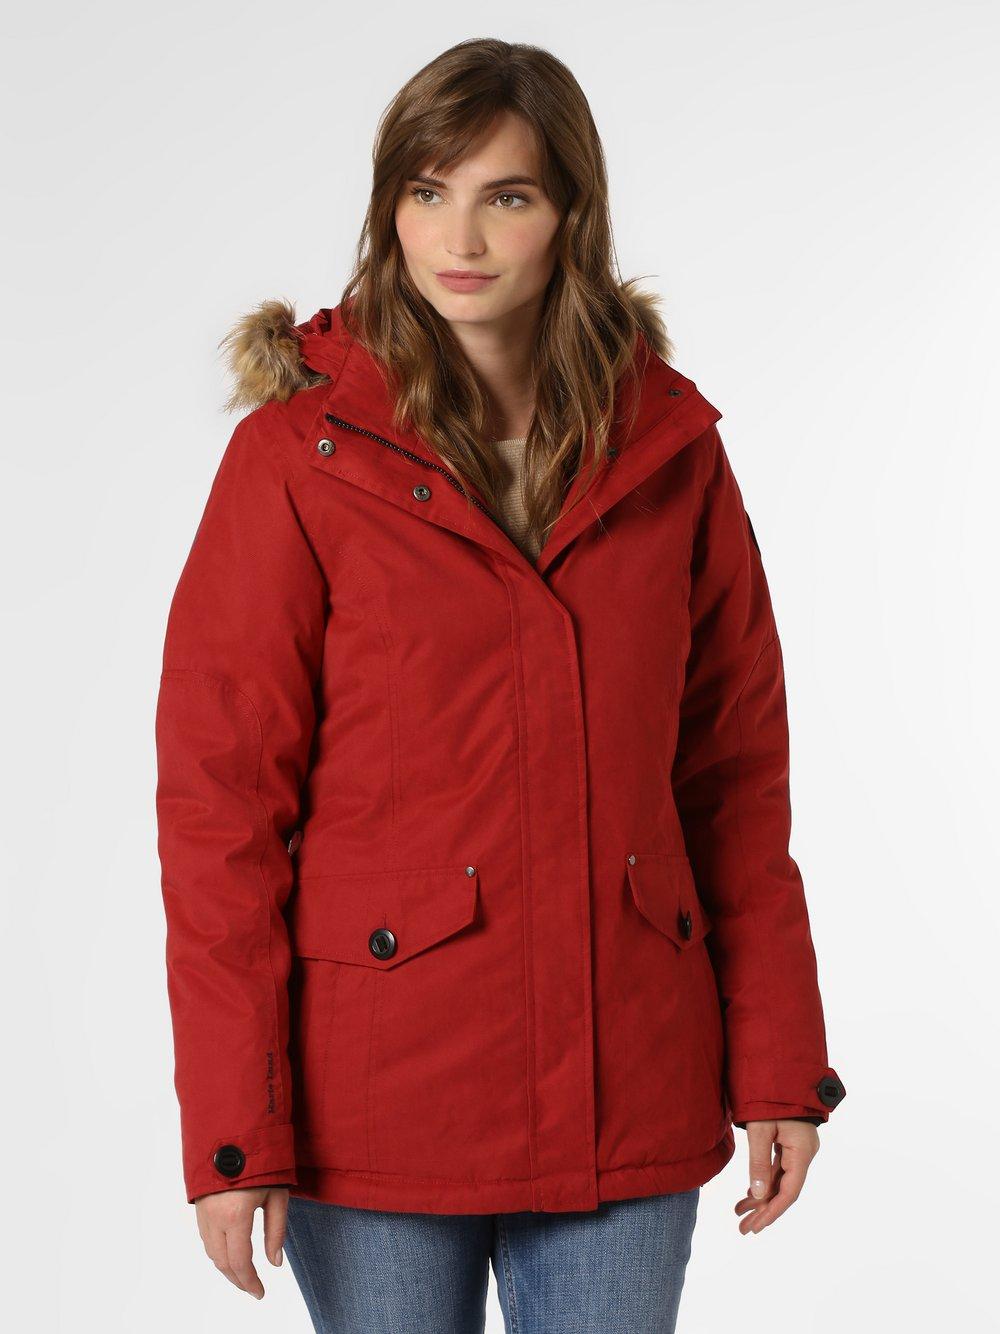 Marie Lund - Damski płaszcz funkcyjny, czerwony